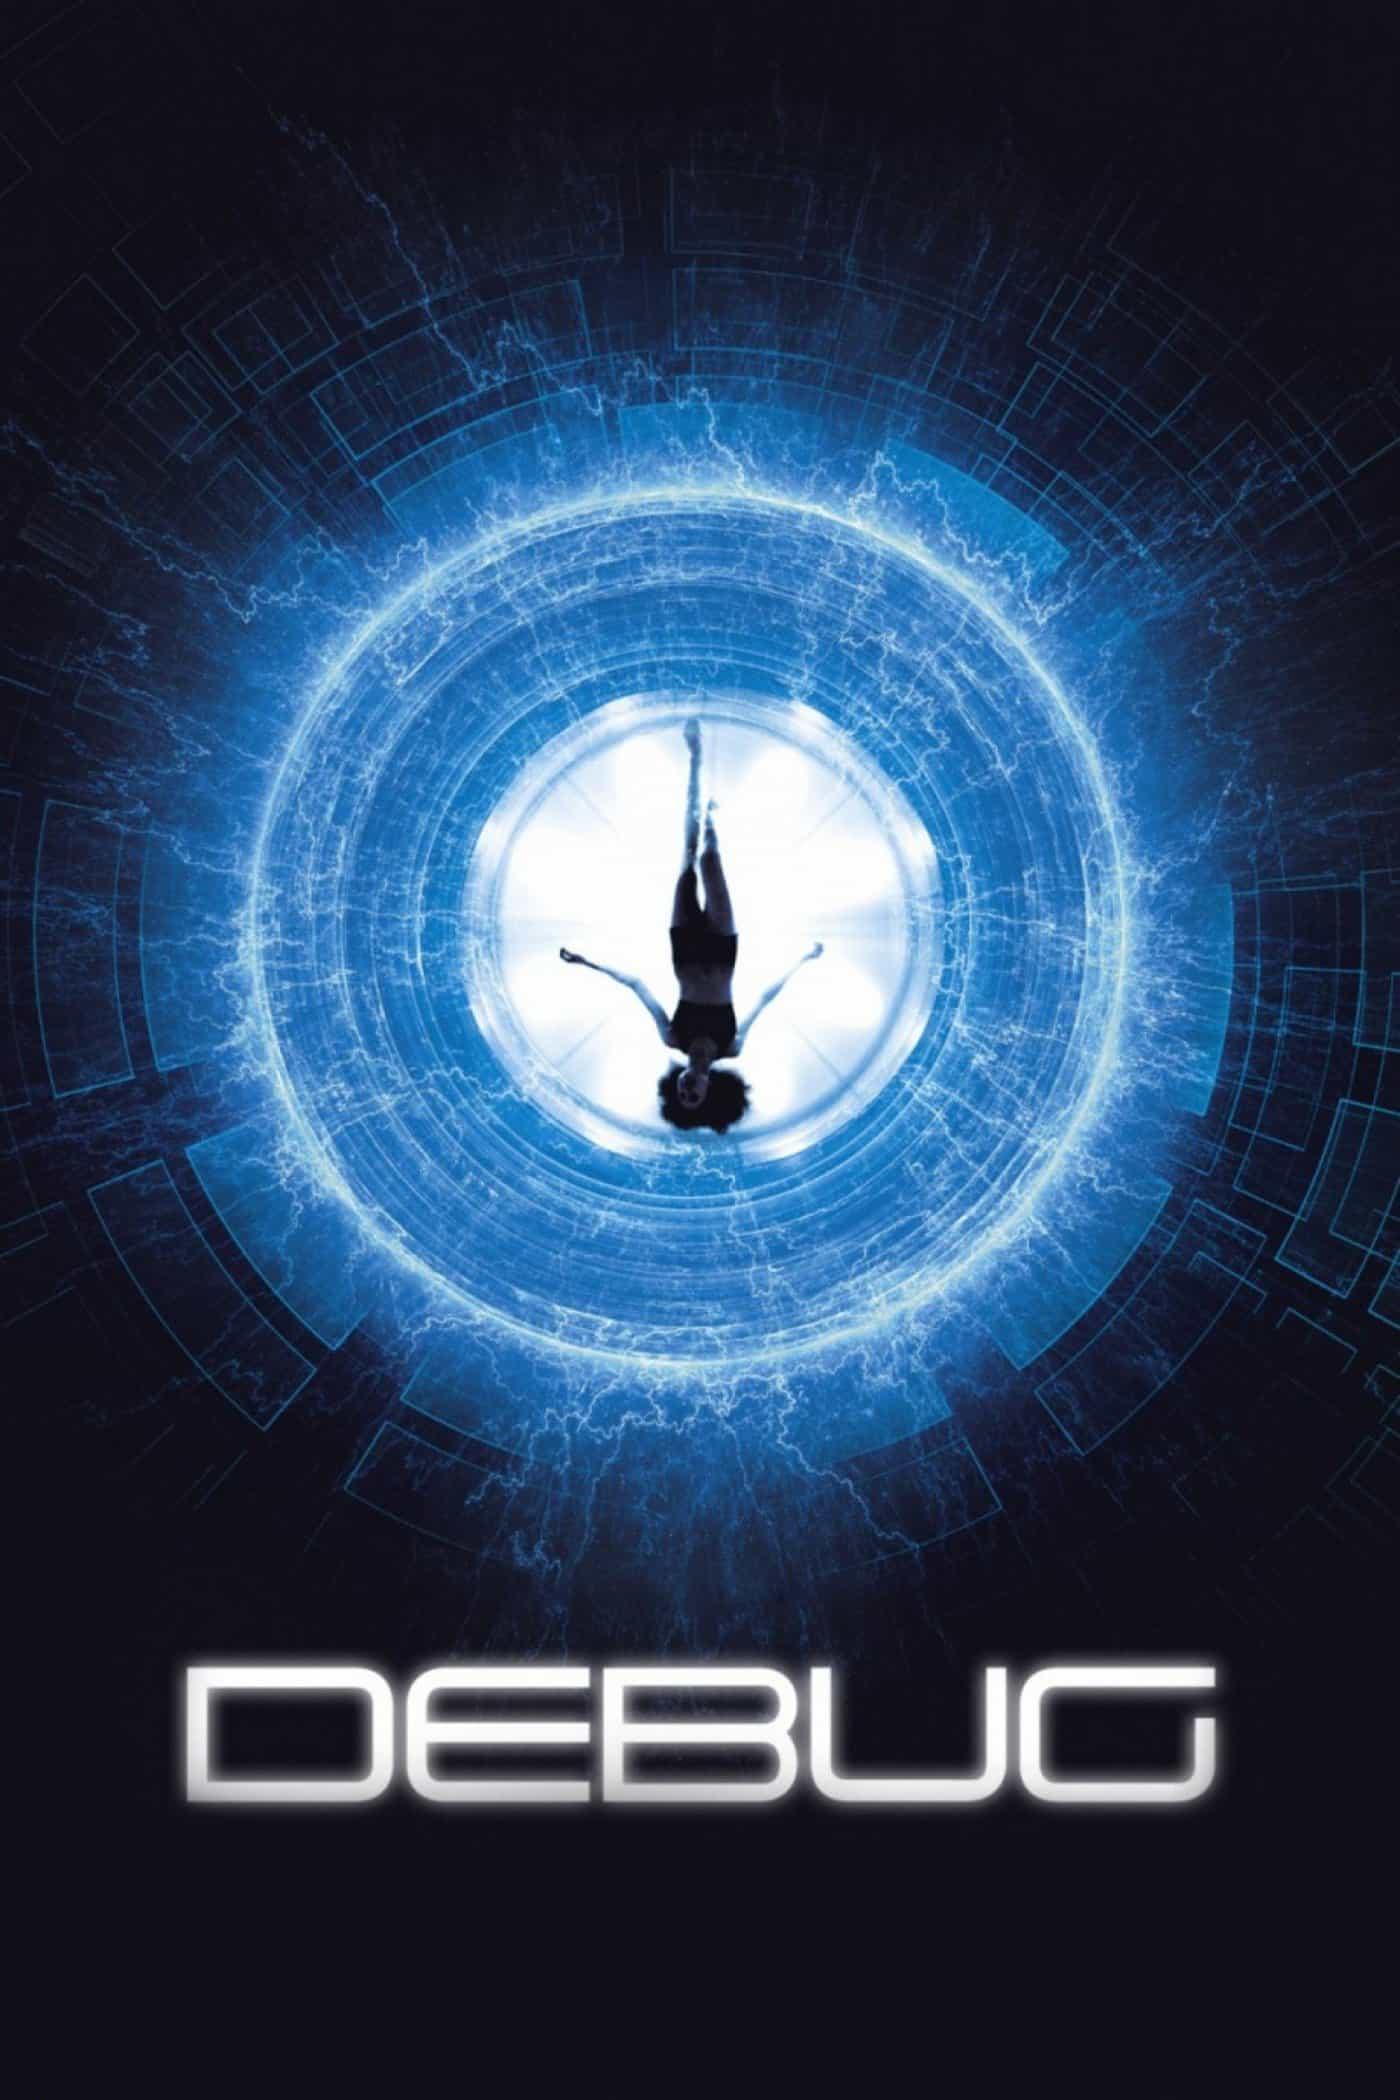 Debug, 2014